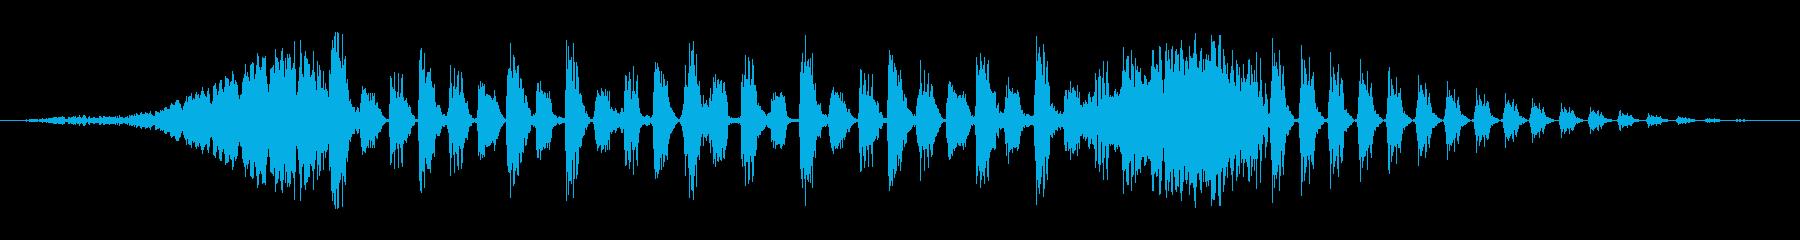 エレクトロアコースティックミュージ...の再生済みの波形